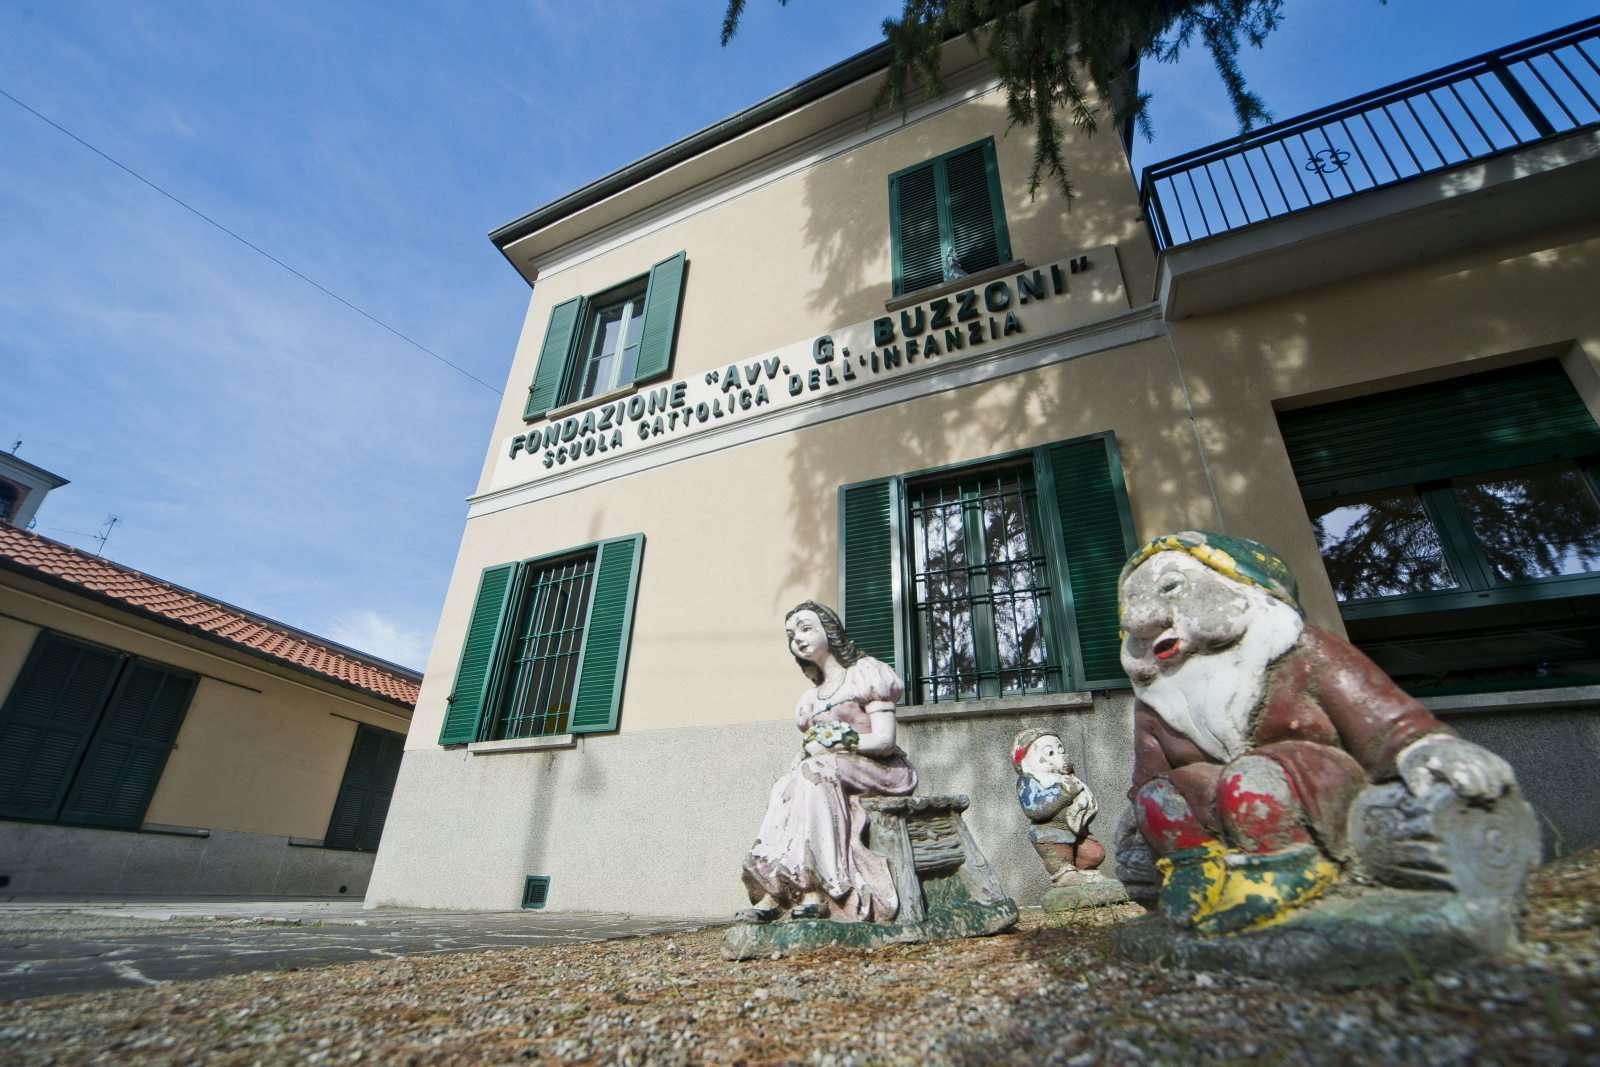 019 D4C 5563 Ridotte - Scuola Materna Peschiera Borromeo